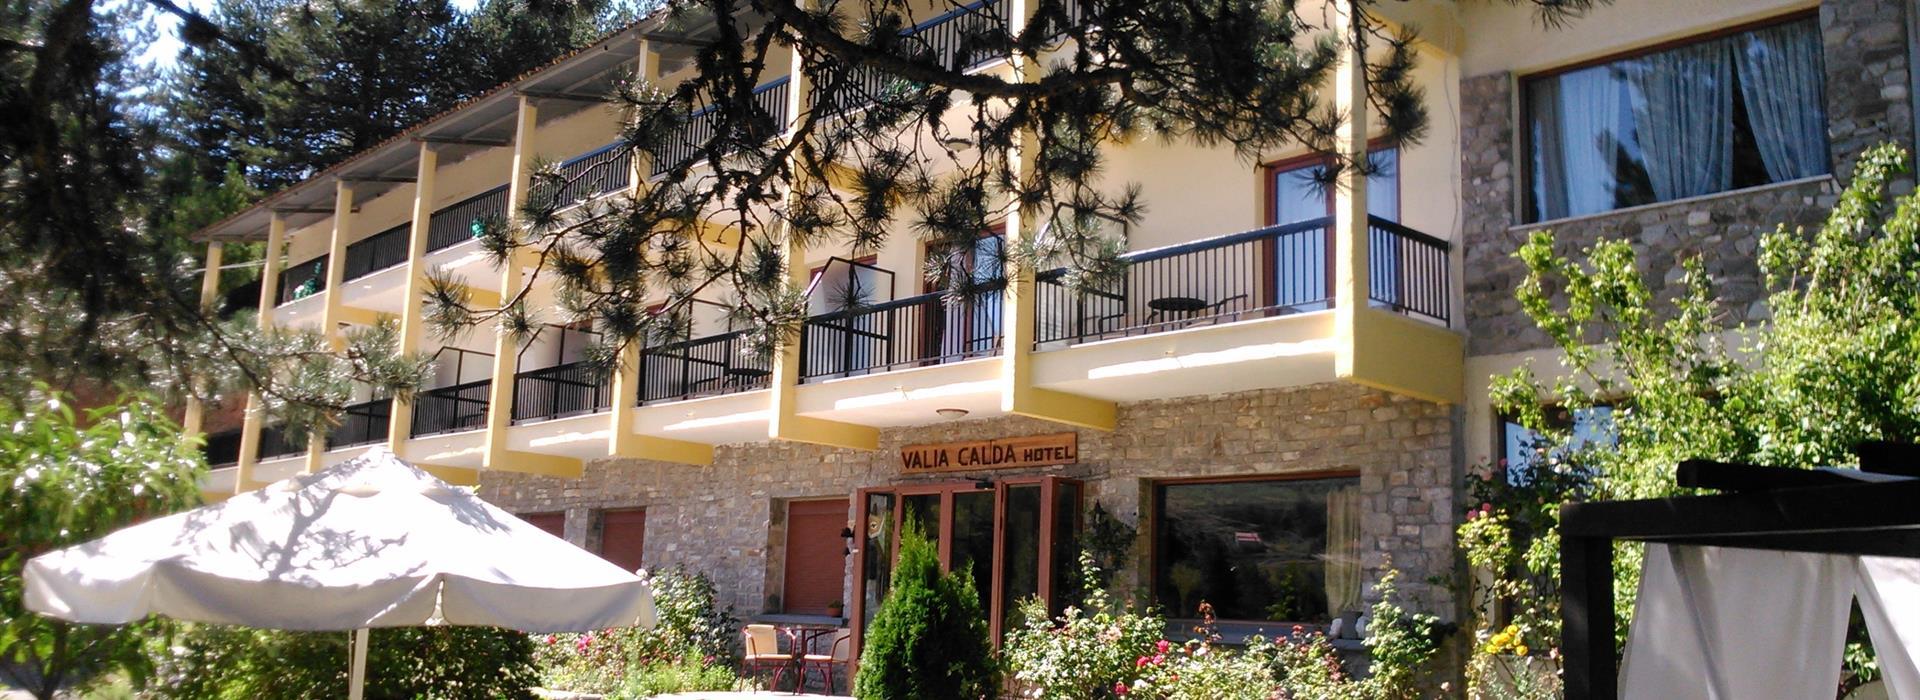 Valia Kalda Hotel